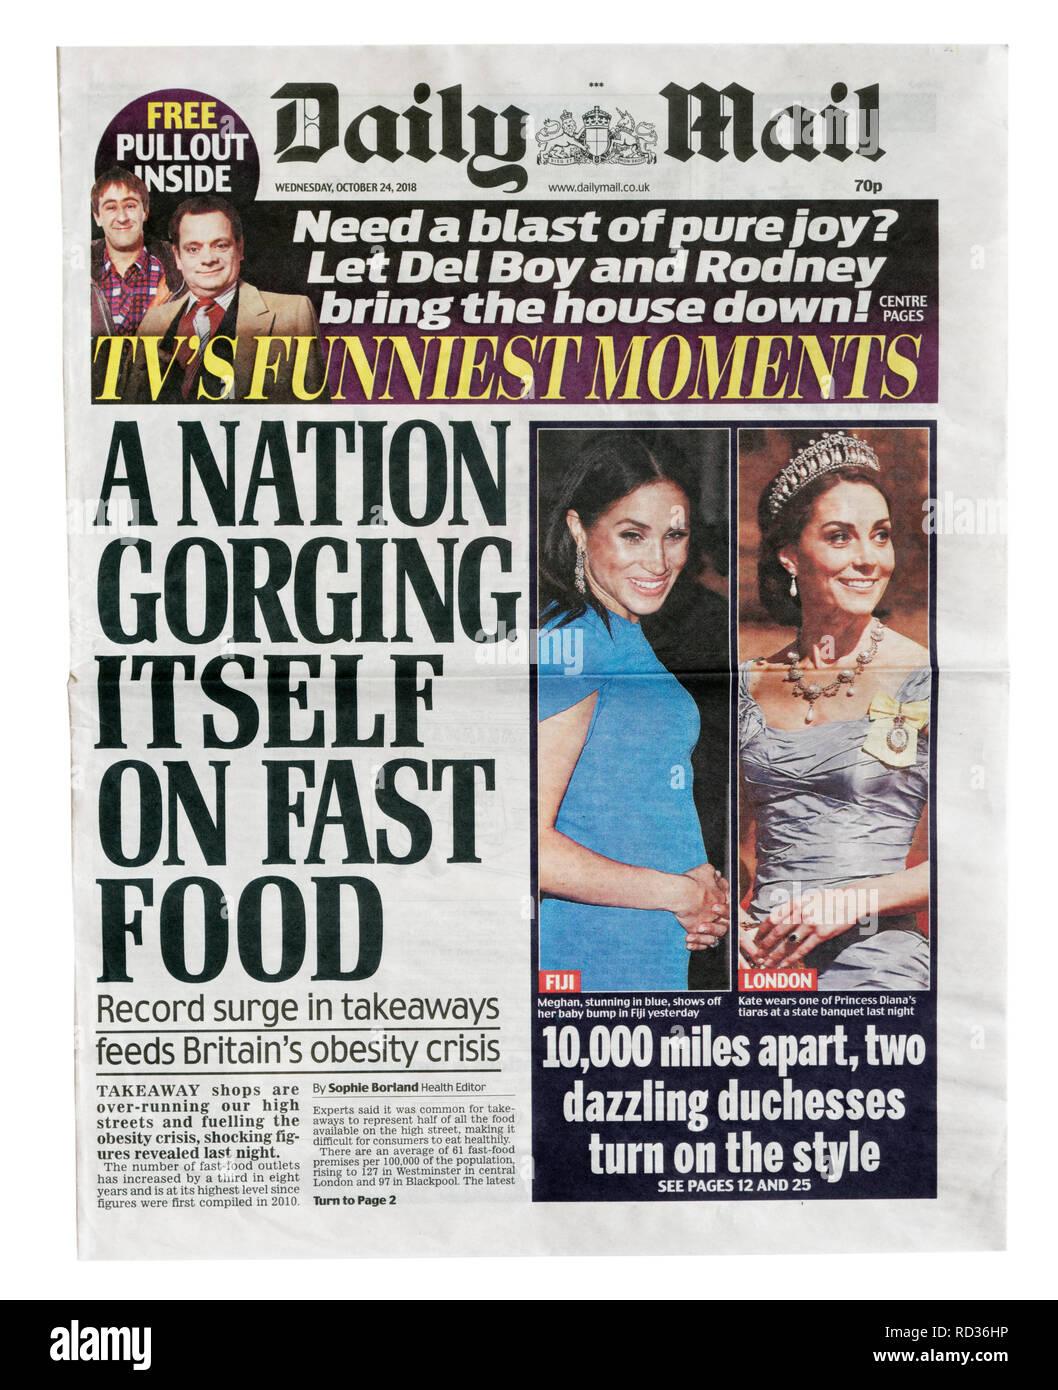 La portada del Daily Mail del 24 de octubre de 2018 con el título de una nación propia atiborrando de comida rápida, comida rápida acerca de los vínculos de la obesidad Imagen De Stock